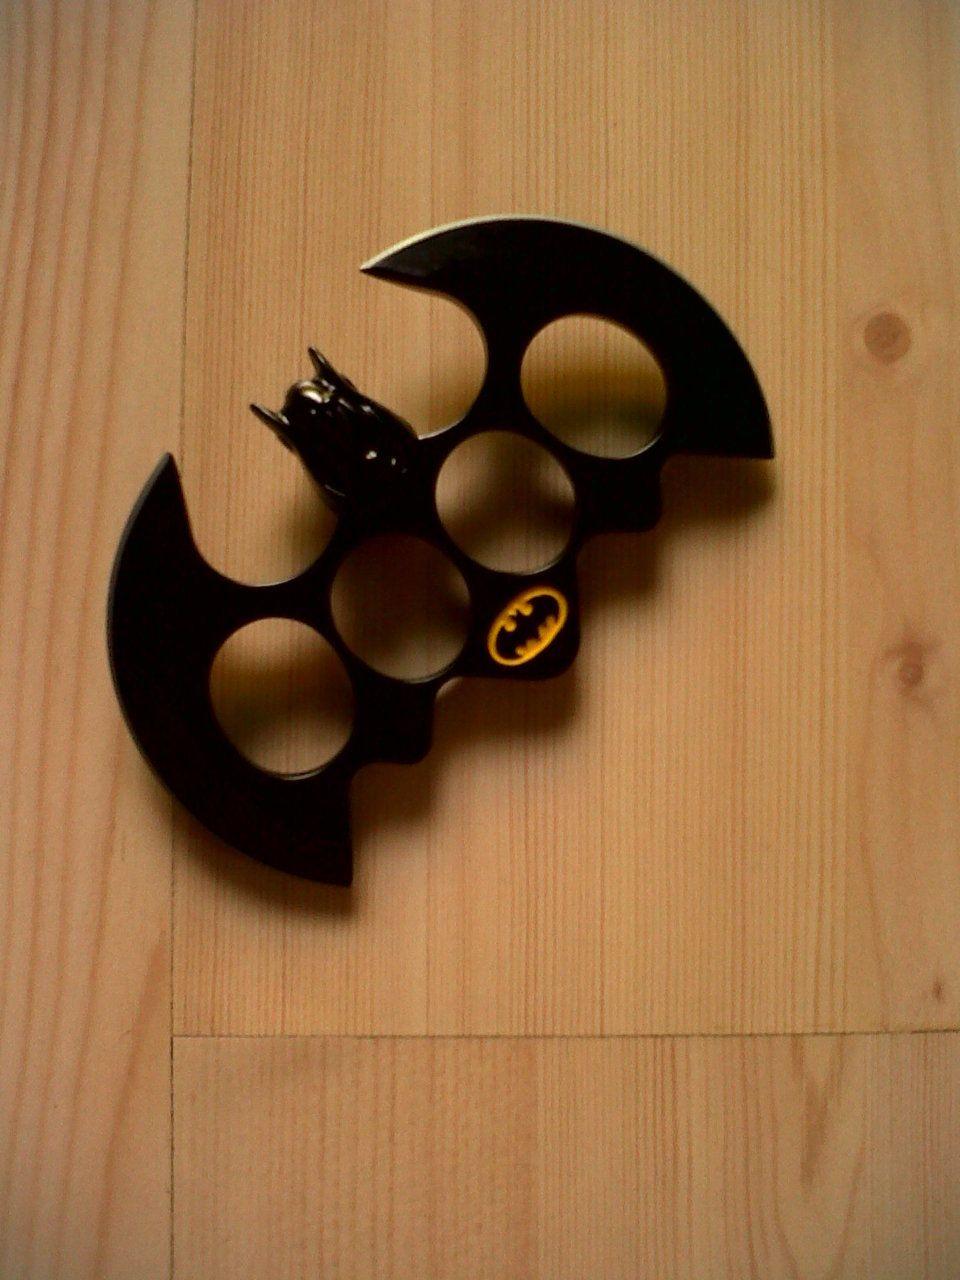 Wooden Knuckles Image Result For Brass Knuckles Usa Brass Knuckles Pinterest